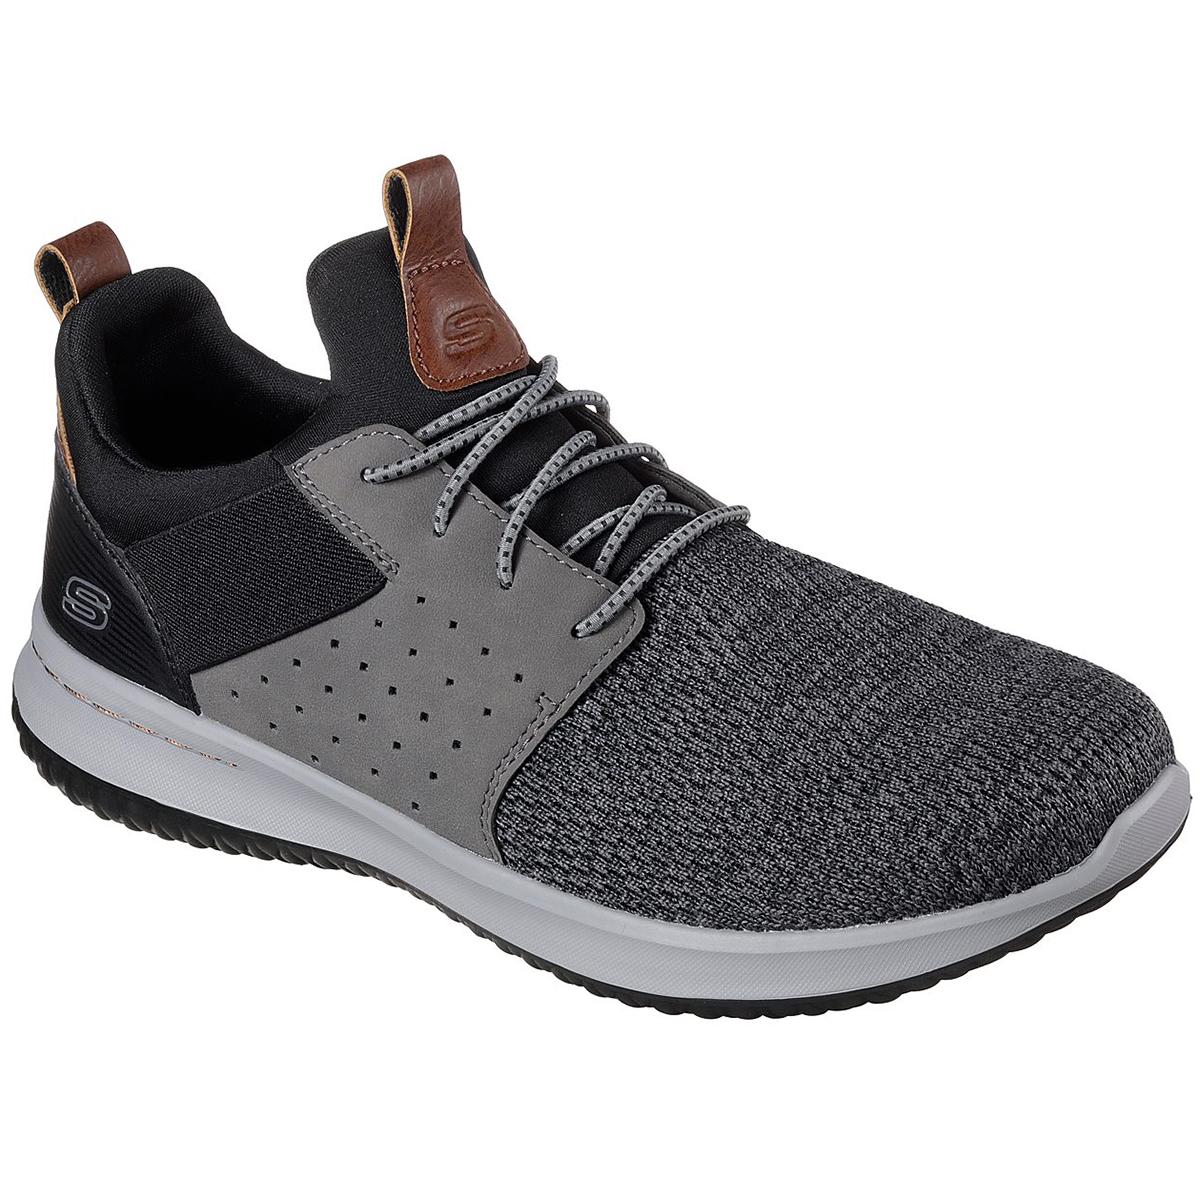 Skechers Men's Delson - Camben Sneakers - Black, 8